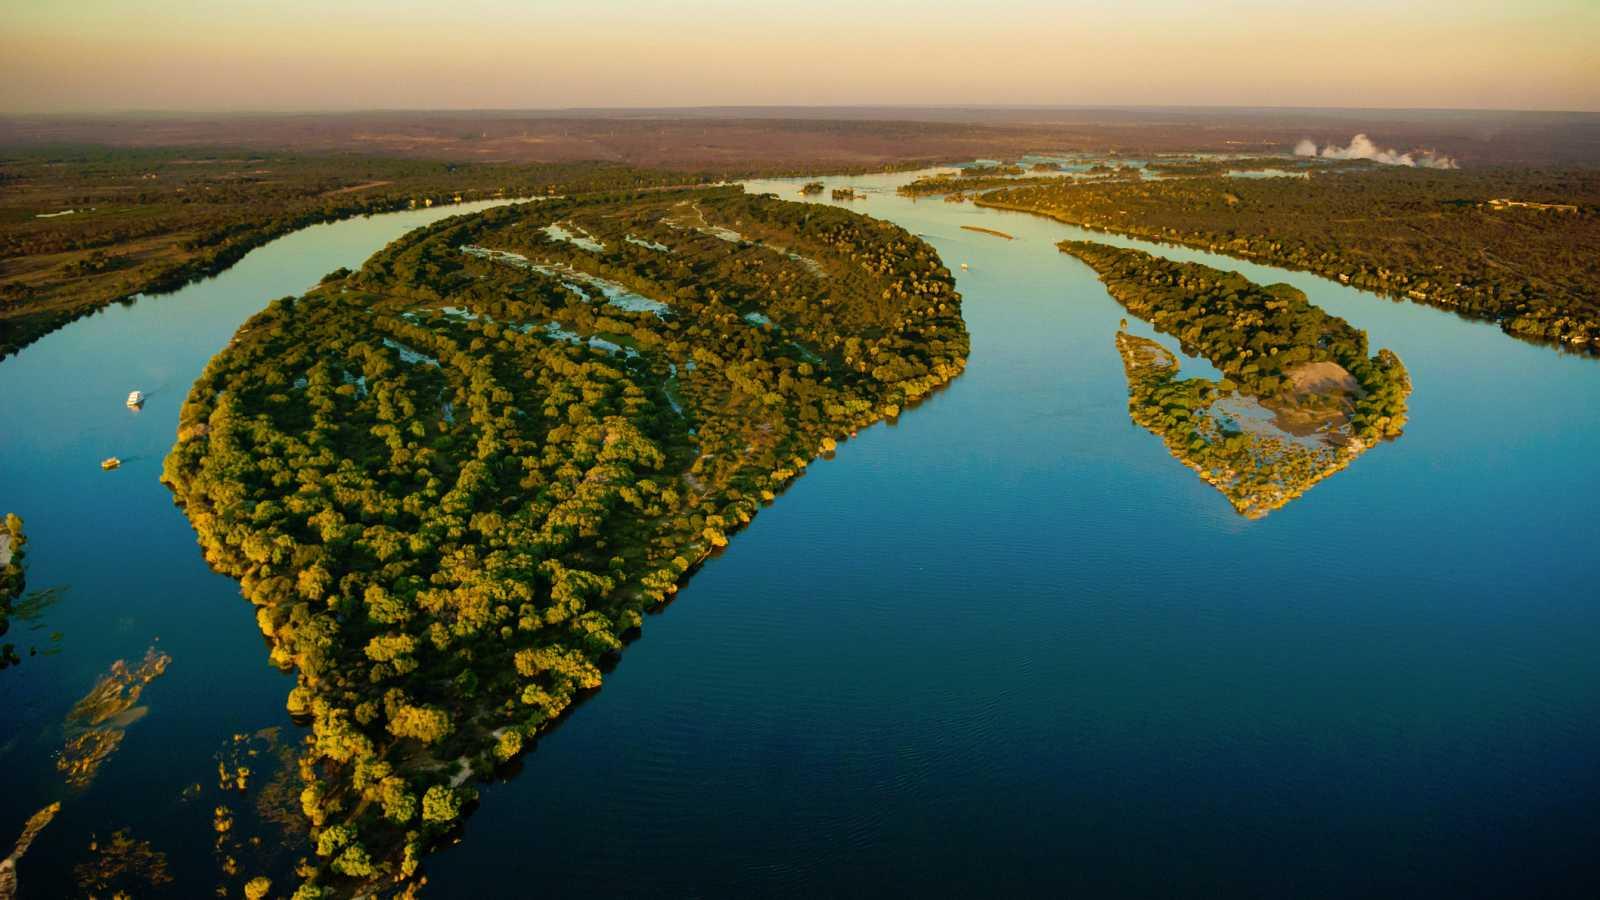 Un trabajo multidisciplinar sitúa el origen de los humanos modernos al sur del río Zambeze, entre las actualesBotsuana, Namibia y Zimbabue.